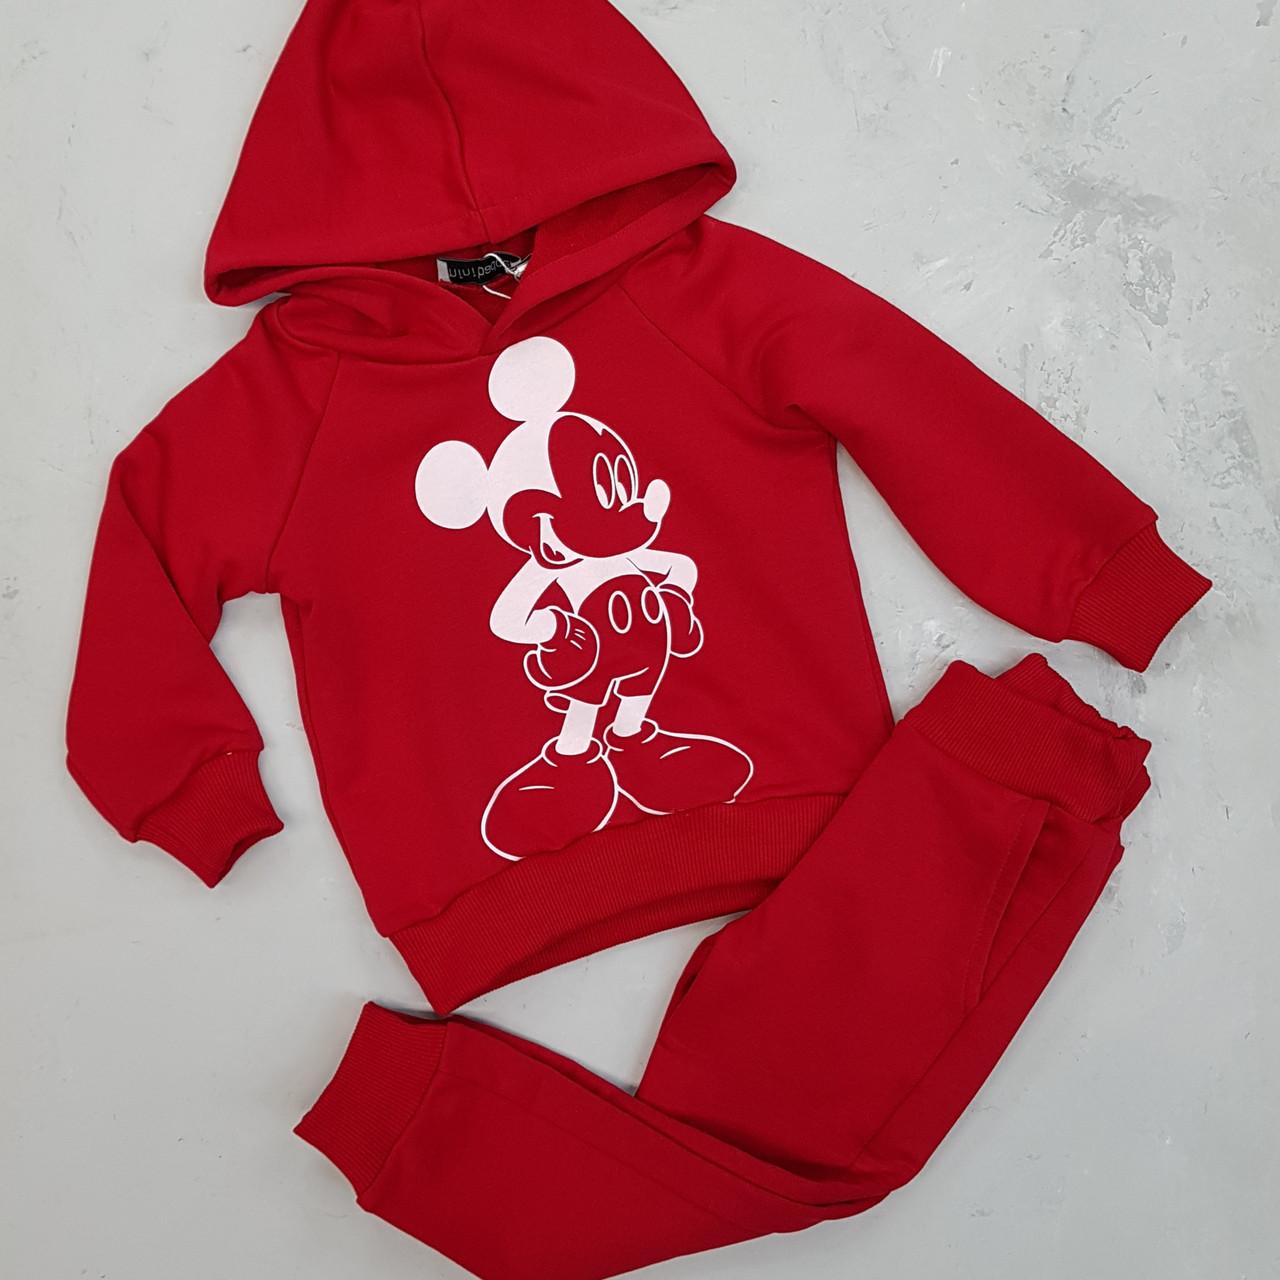 Спортивний костюм для дівчинки Міккі червоний